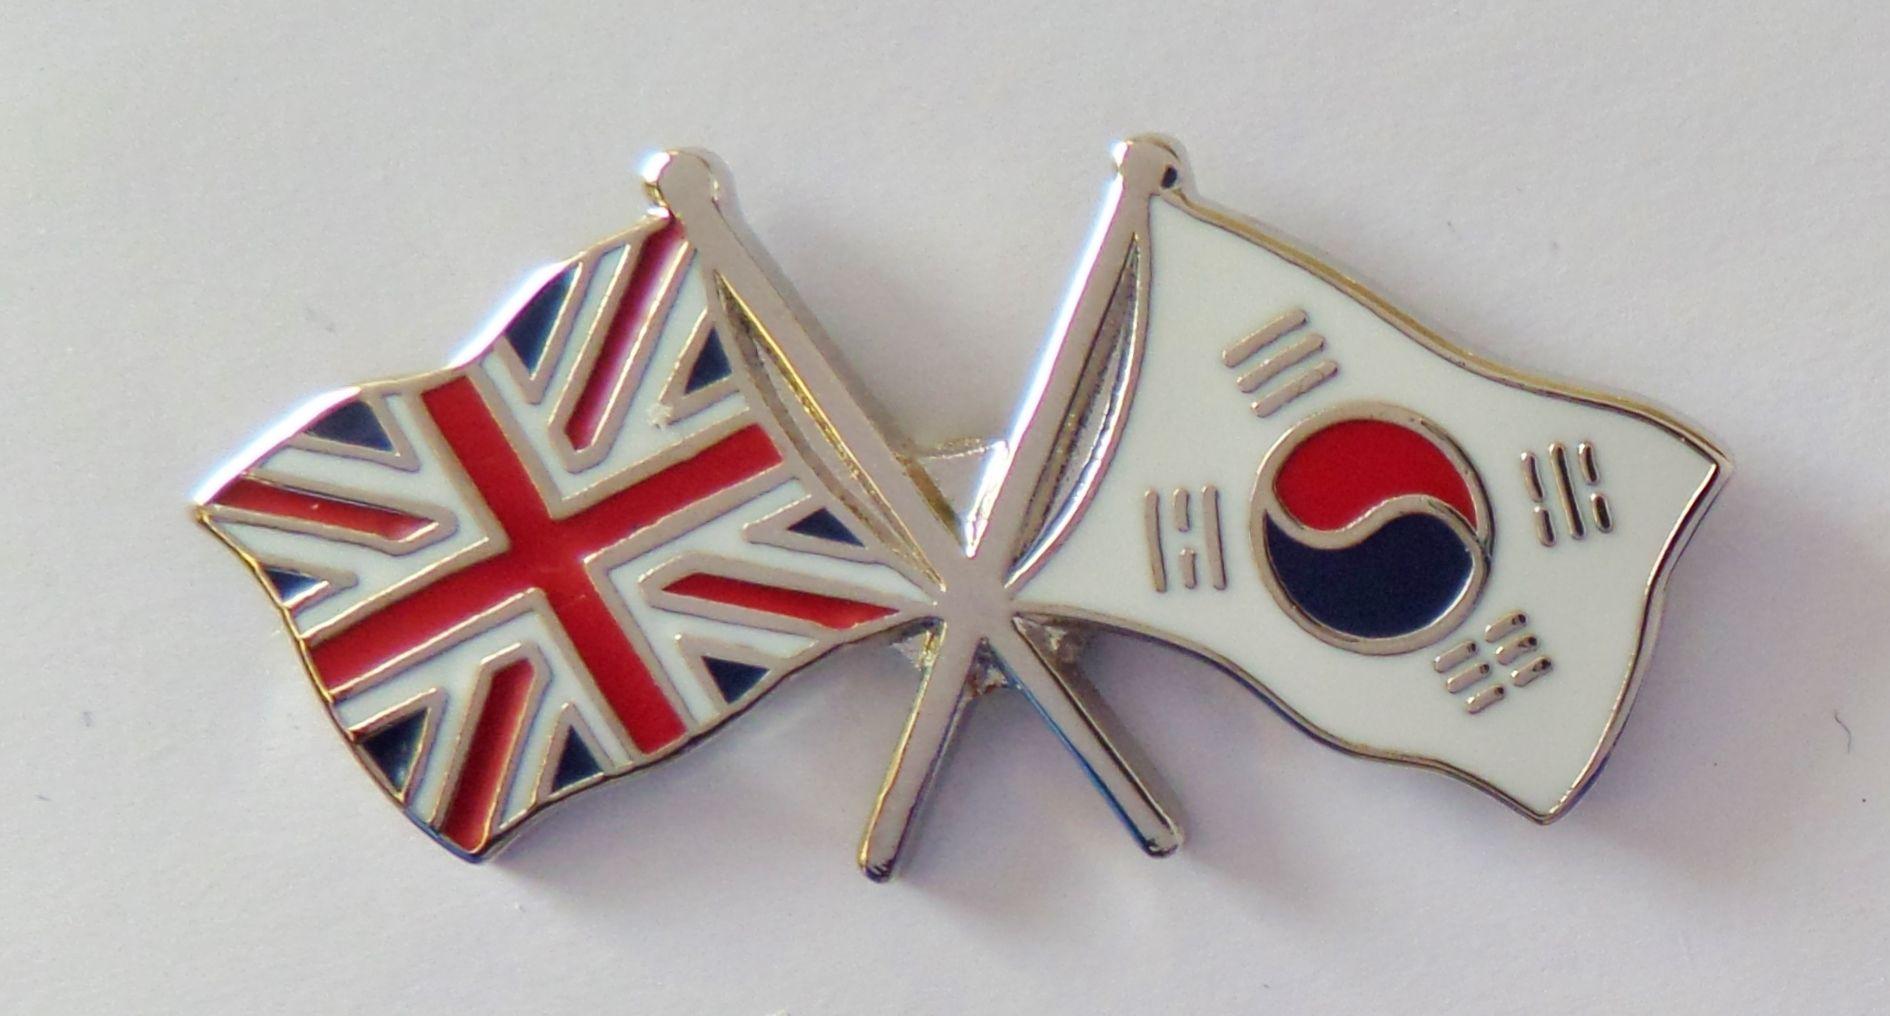 کوریای جنوبی و بریتانیا - توافق کوریای جنوبی و بریتانیا